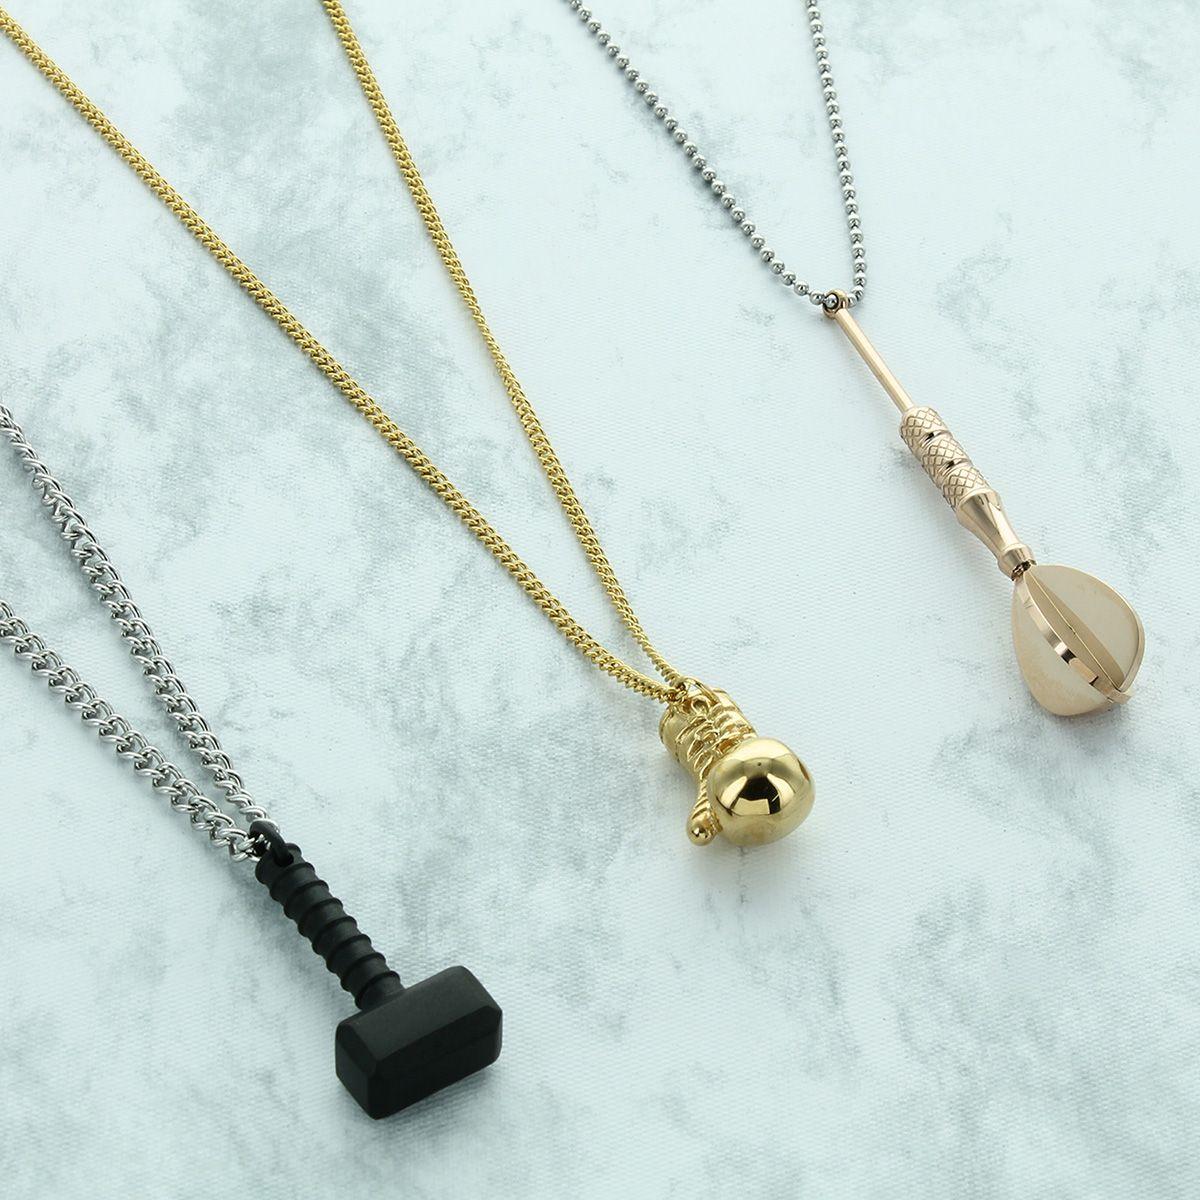 Tenemos el mejor regalo para EL Dijes de Acero Inoxidable de venta en www.pinkrevolver.com.mx o dando click al link en nuestra bio